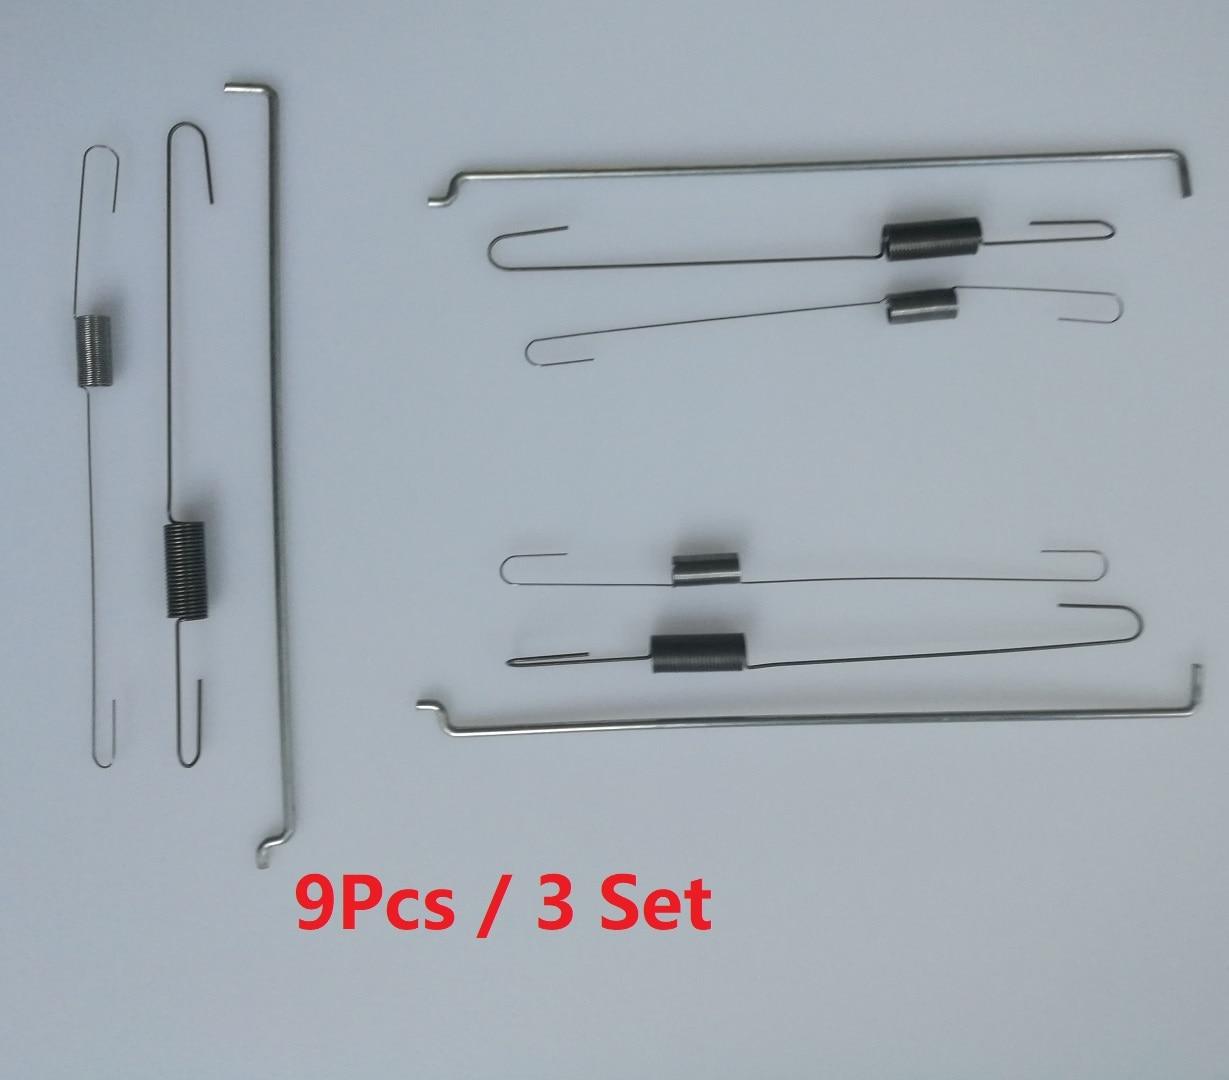 9pcs/3set Metal Throttle Return Spring Governor Link Rod Set 16555-ZE1-000 16561-ZE1-020 Fit For Honda GX140 GX160 GX200